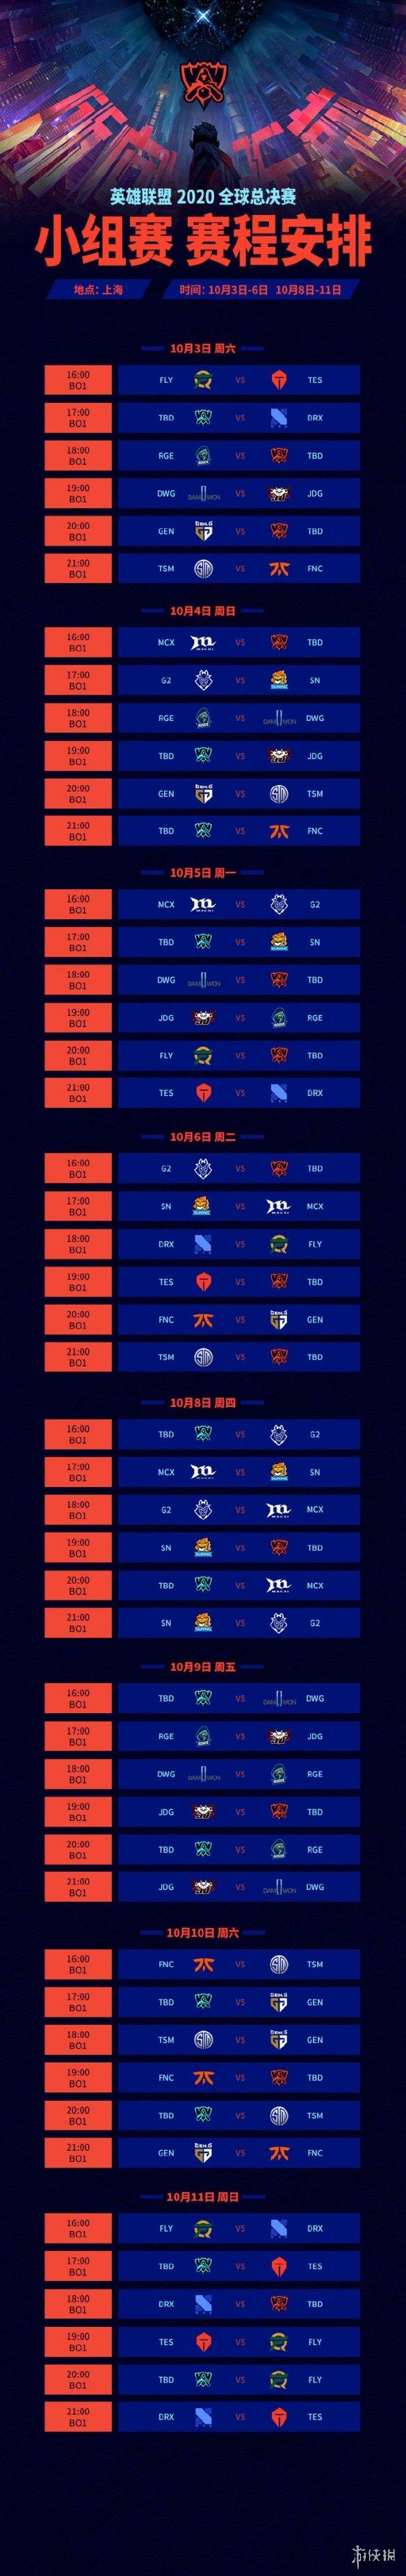 《英雄联盟》S10赛程公布!LGD入围赛首日迎战PSG